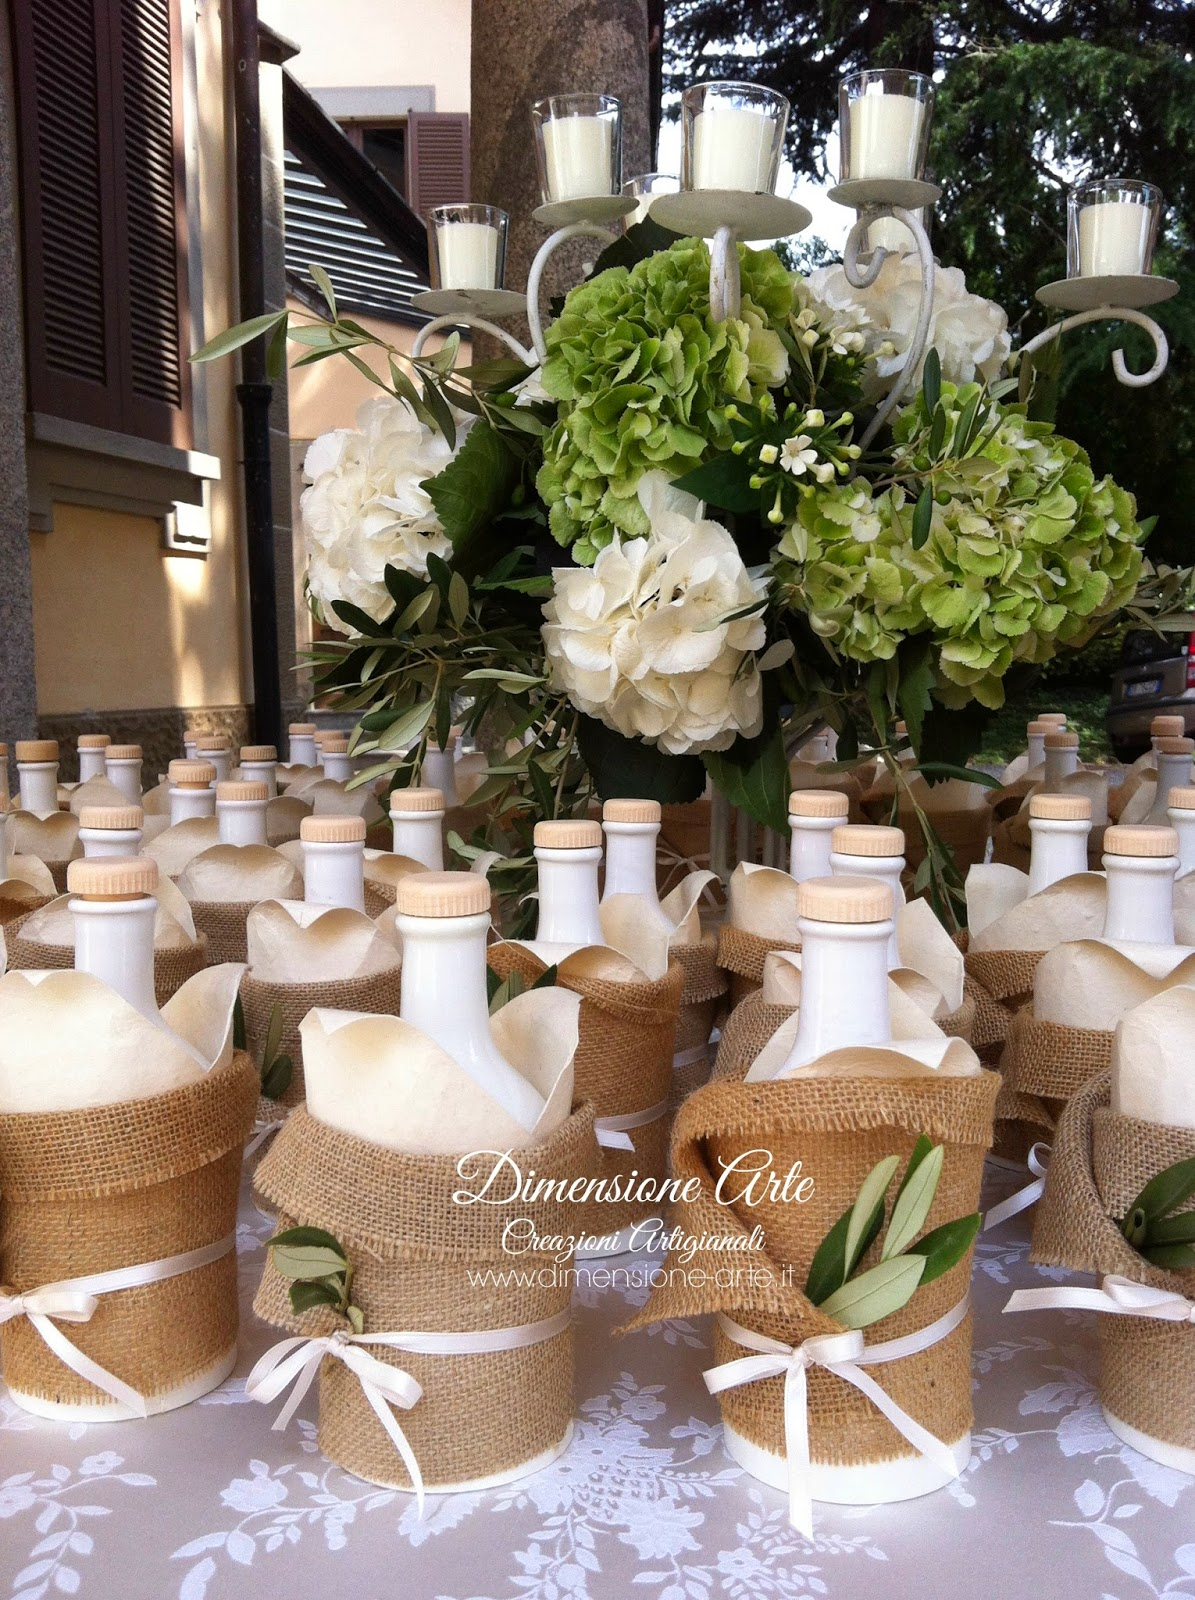 Matrimonio Rustico Bergamo : Dimensione arte creazioni artigianali matrimonio